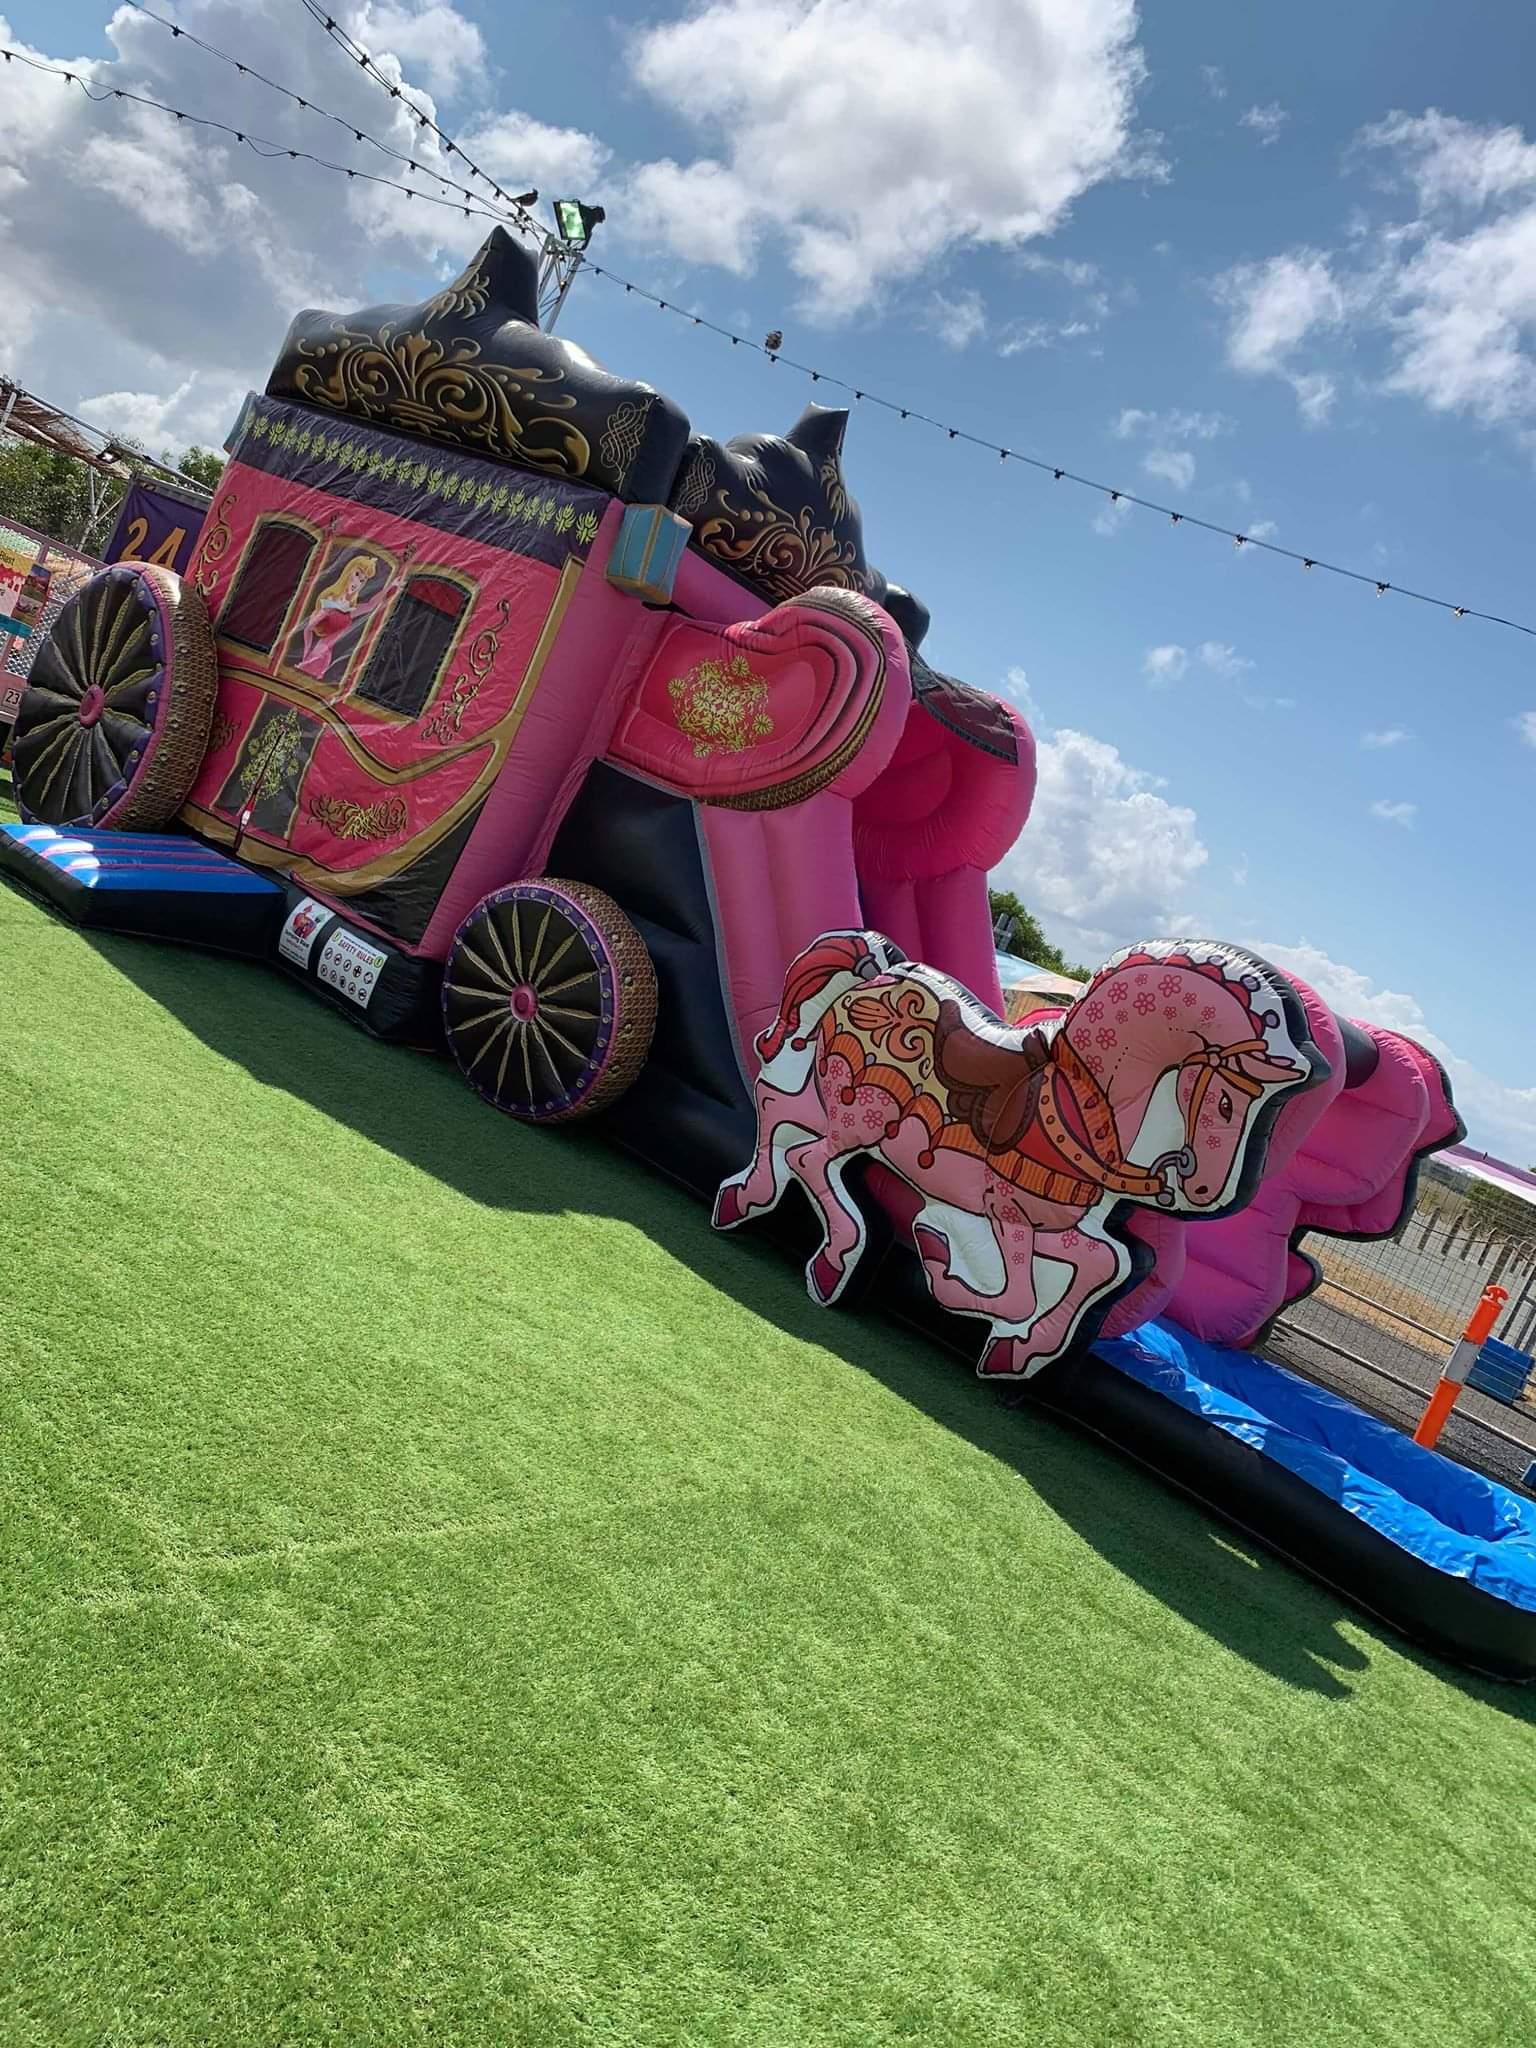 Hoppborg tornrosa vagn prinsessa